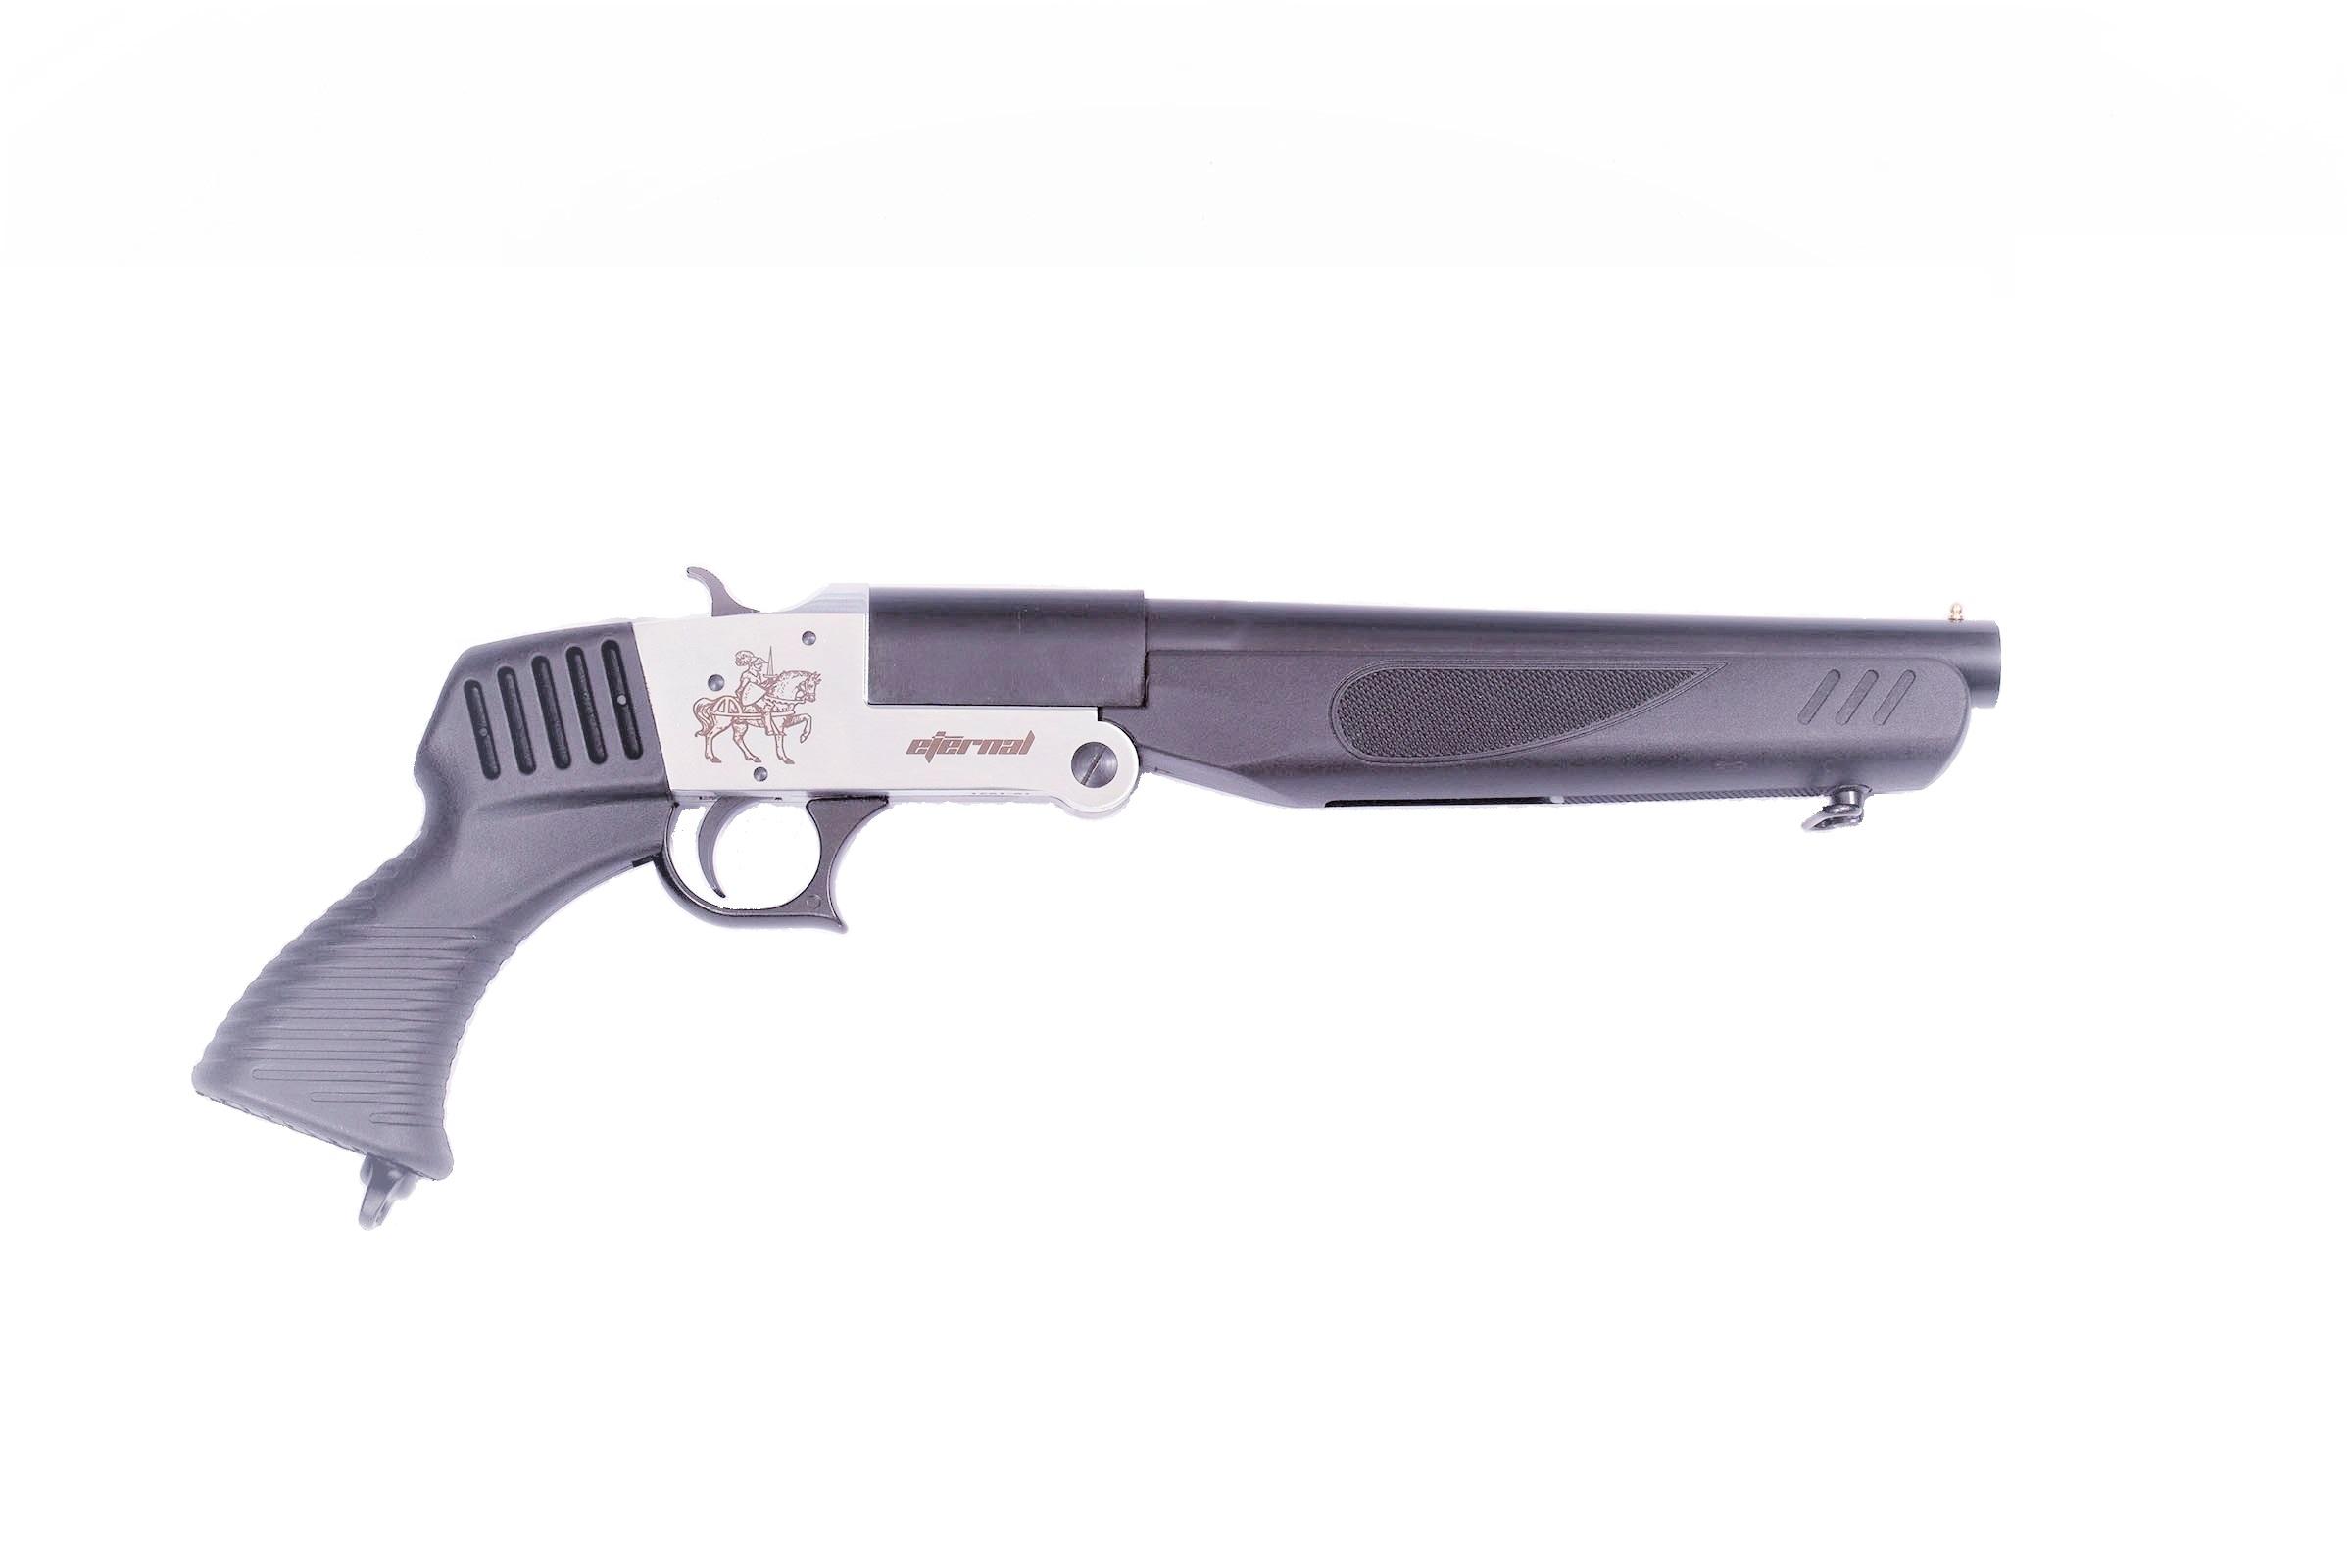 strzelba eternal pojedynka 12/76 obrzyn z centrum szkolenia strzeleckiego fabryka strzelania